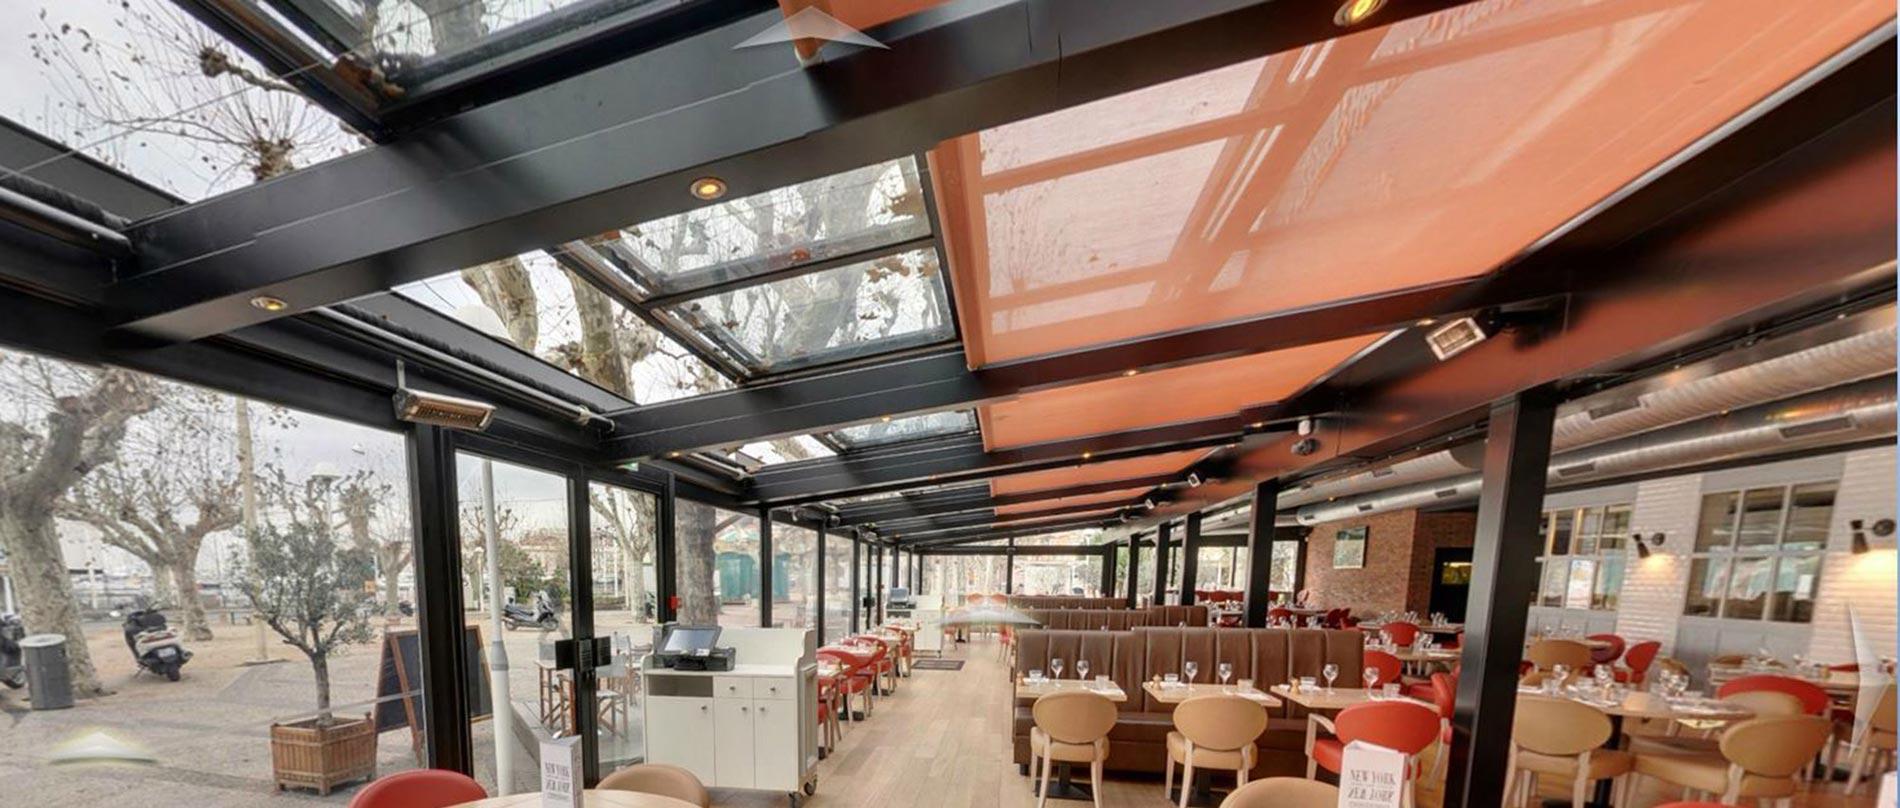 Qualité des éléments de construction de la toiture ouvrante TOITEL